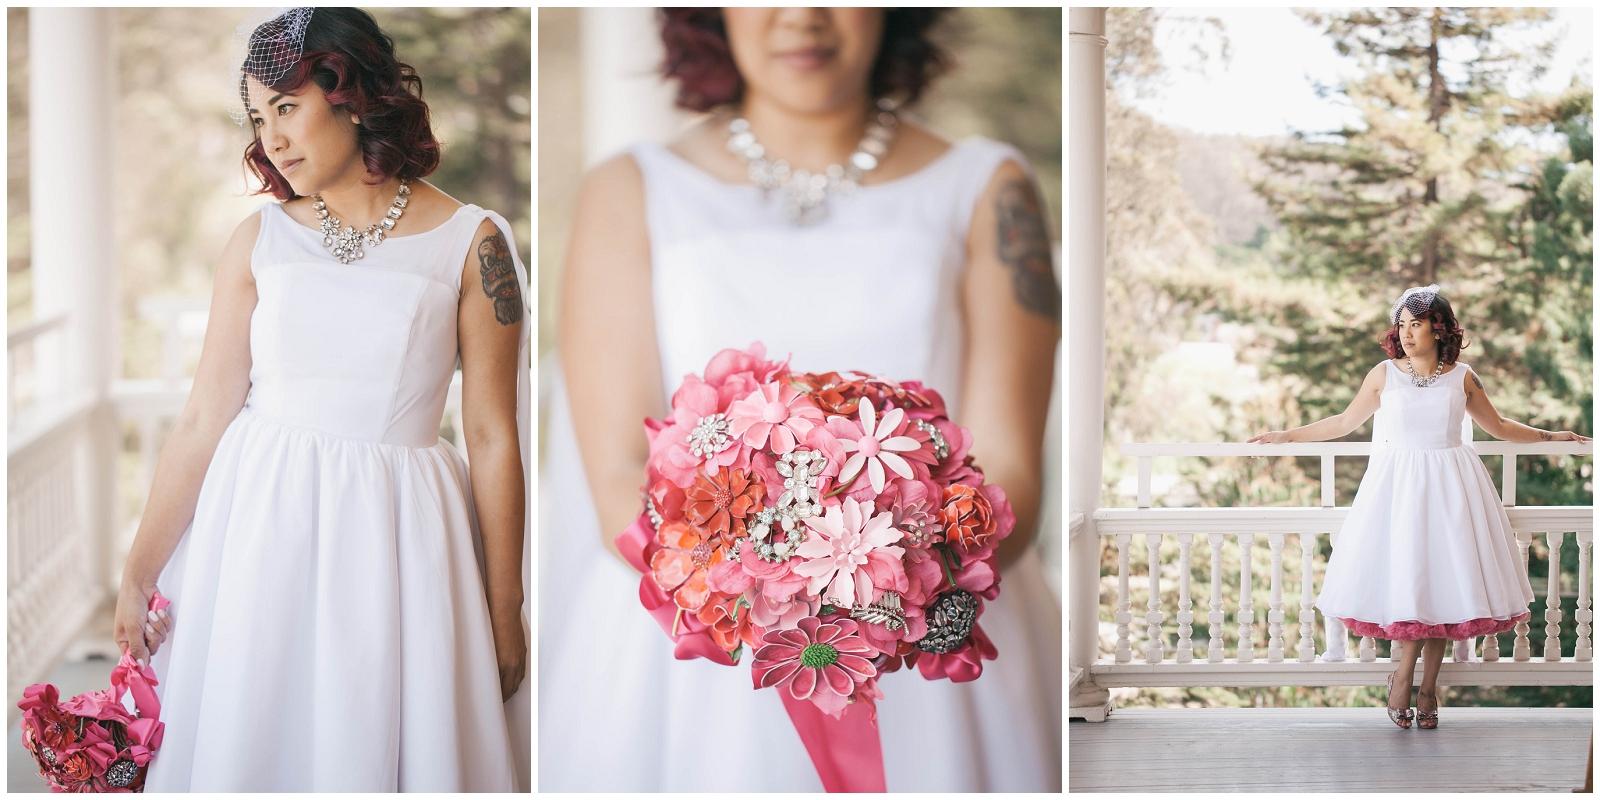 San-Francisco-Bay-Area-Wedding-Photography-Presidio-7.jpg